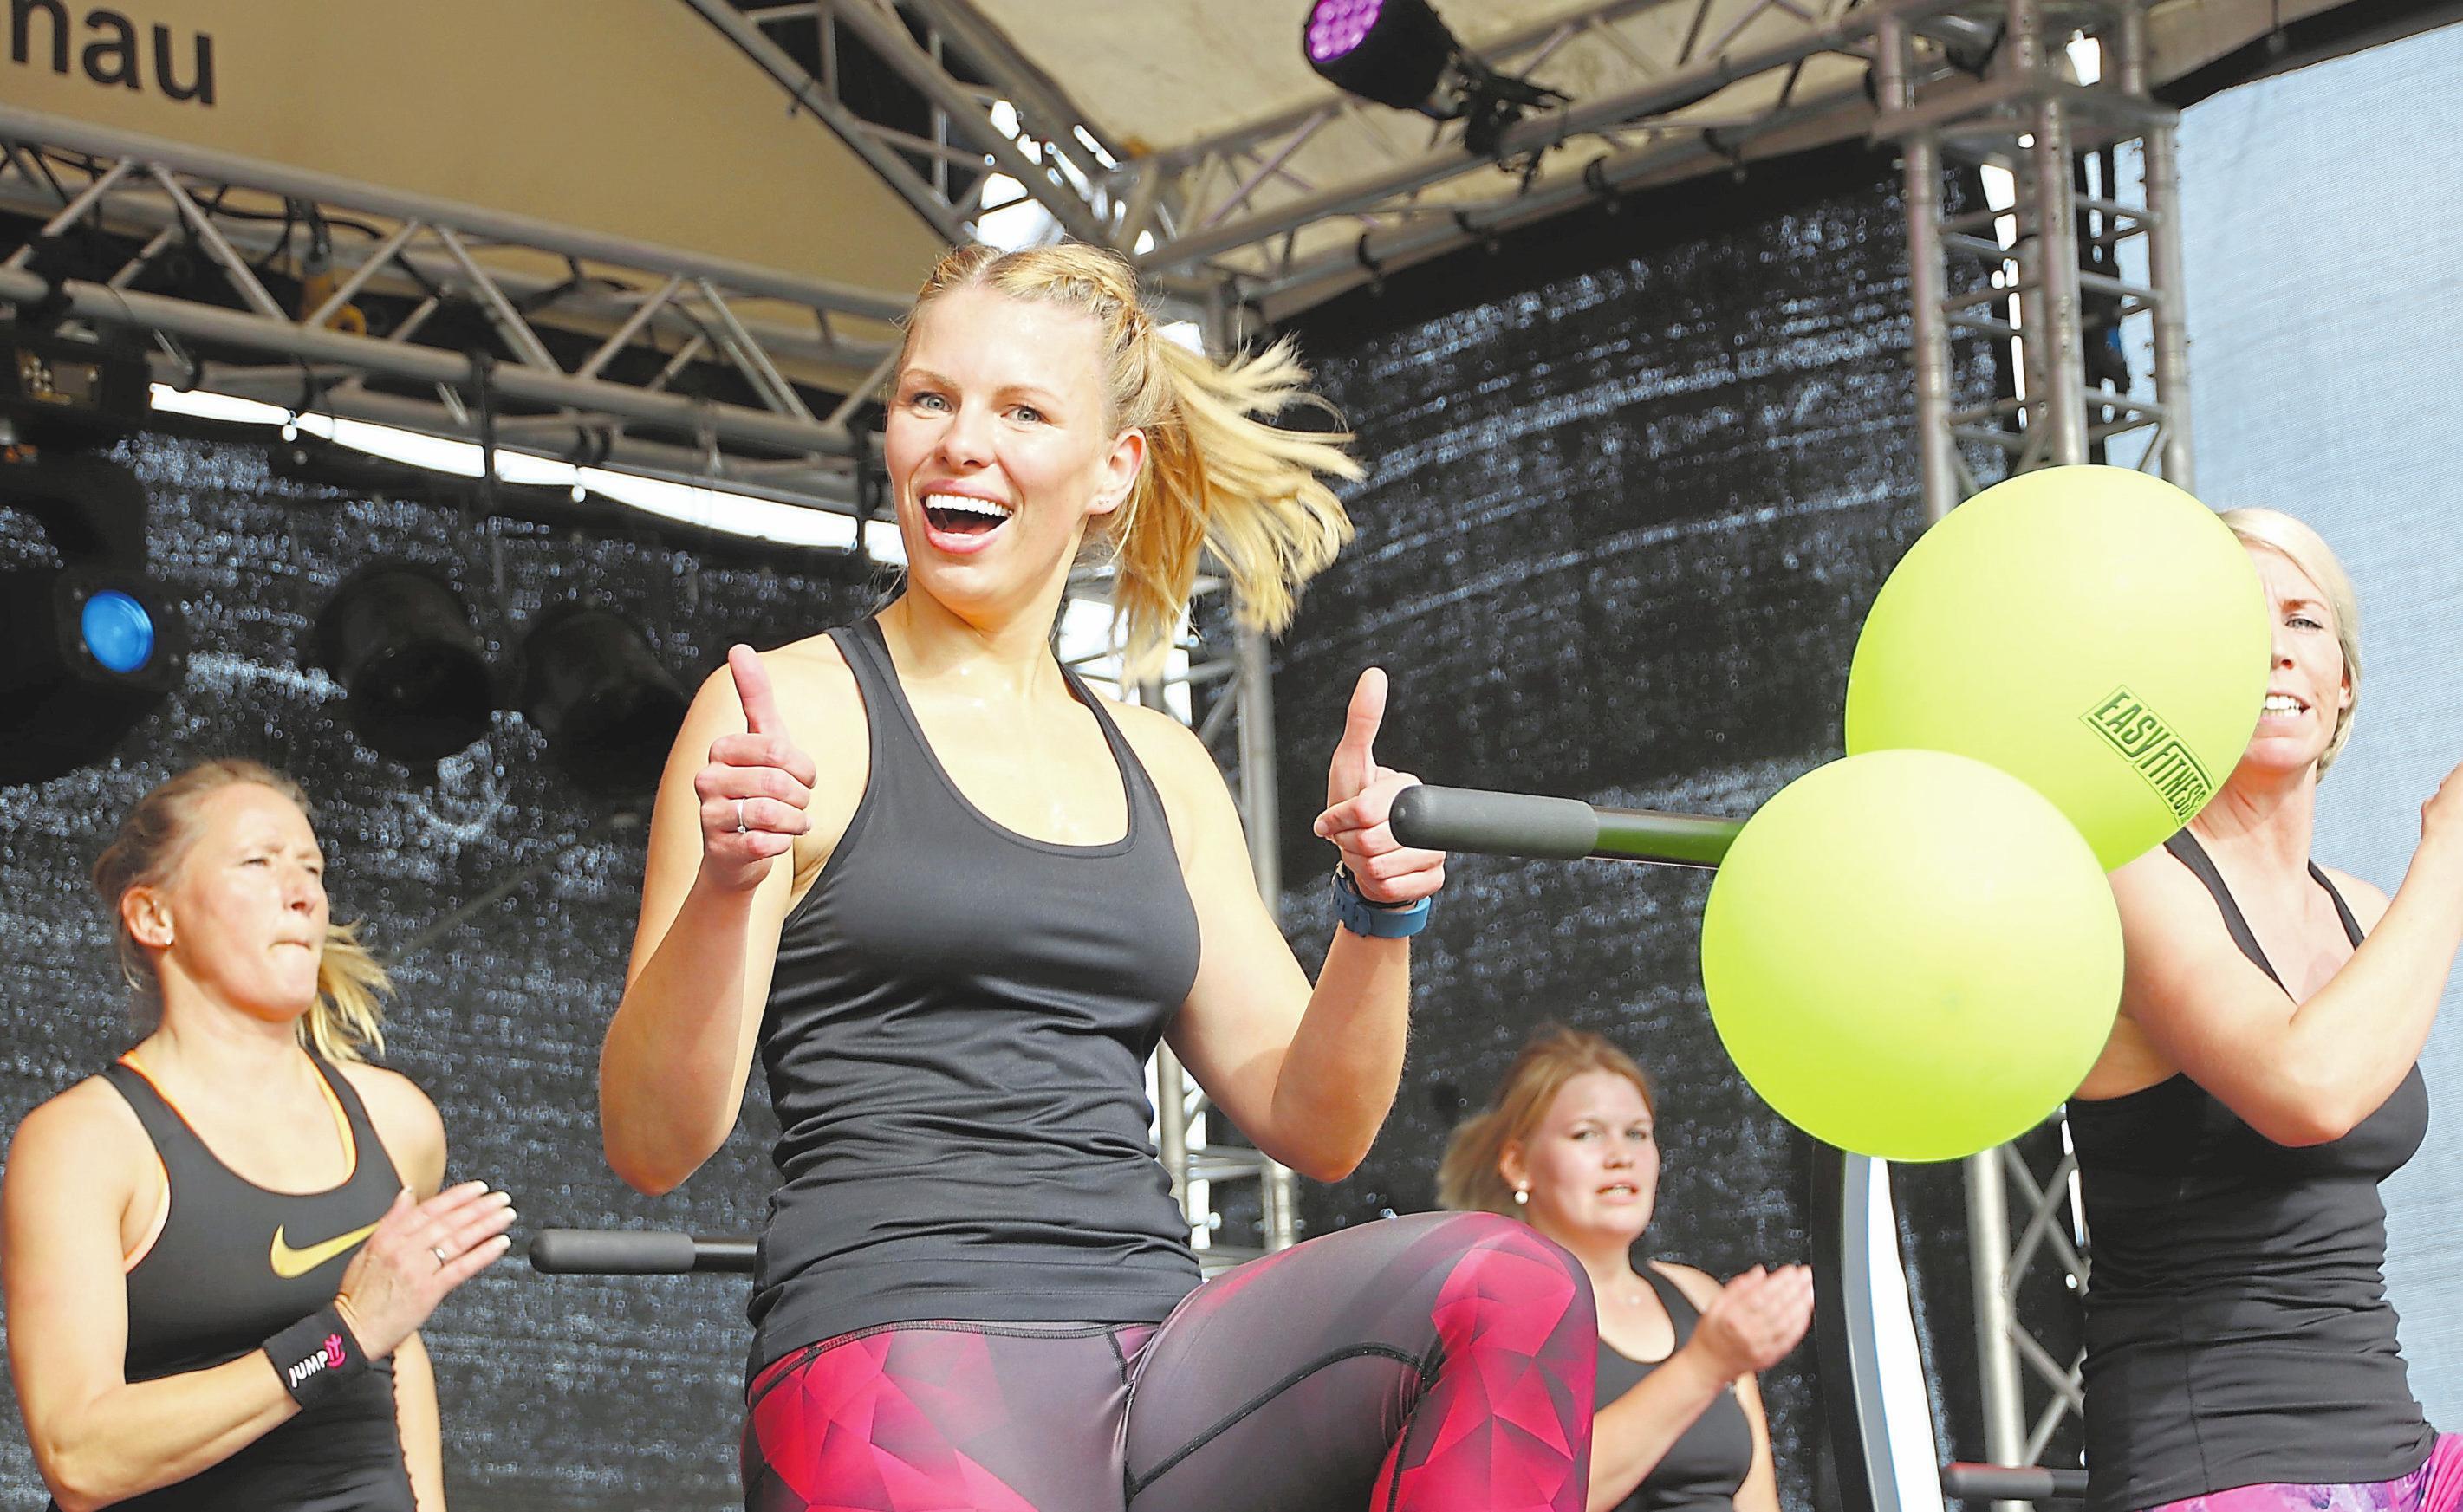 Die Teilnehmerinnen von Easyfitness verbinden auf der Bühne Musik mit sportlichen Aktivitäten. Fotos: Guido Kratzke